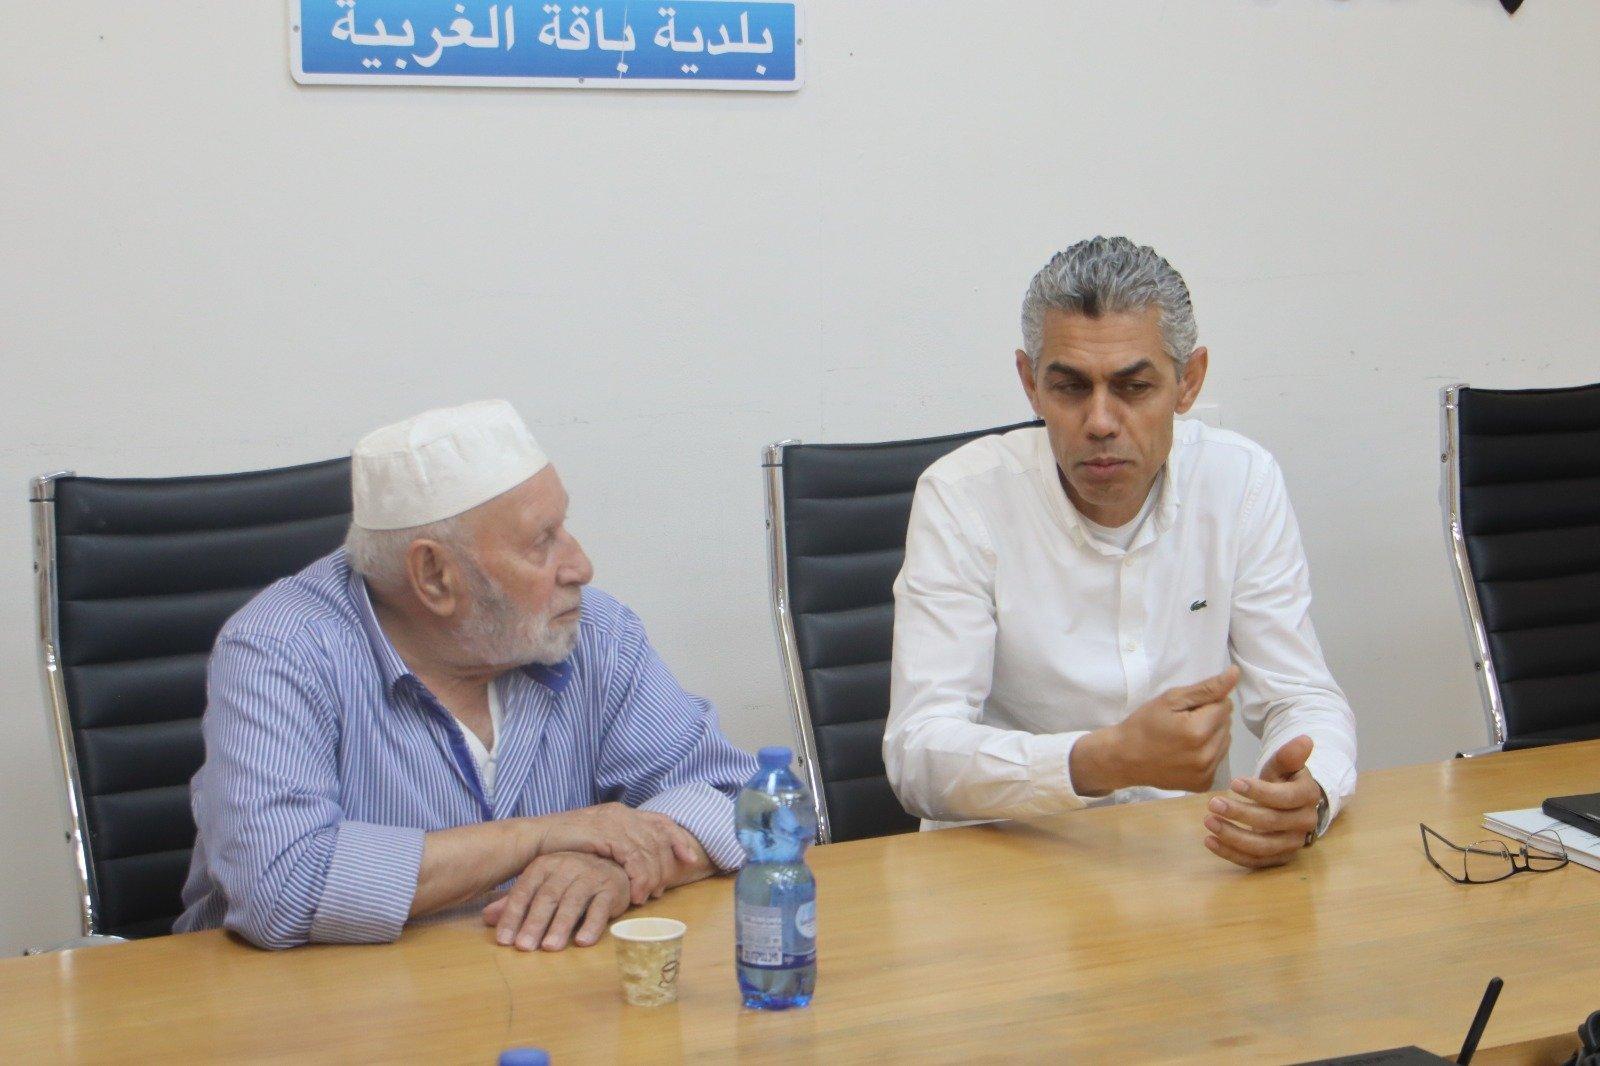 وفد وإدانة حادثة العنف التي تعرض لها رئيس باقة الغربية-10